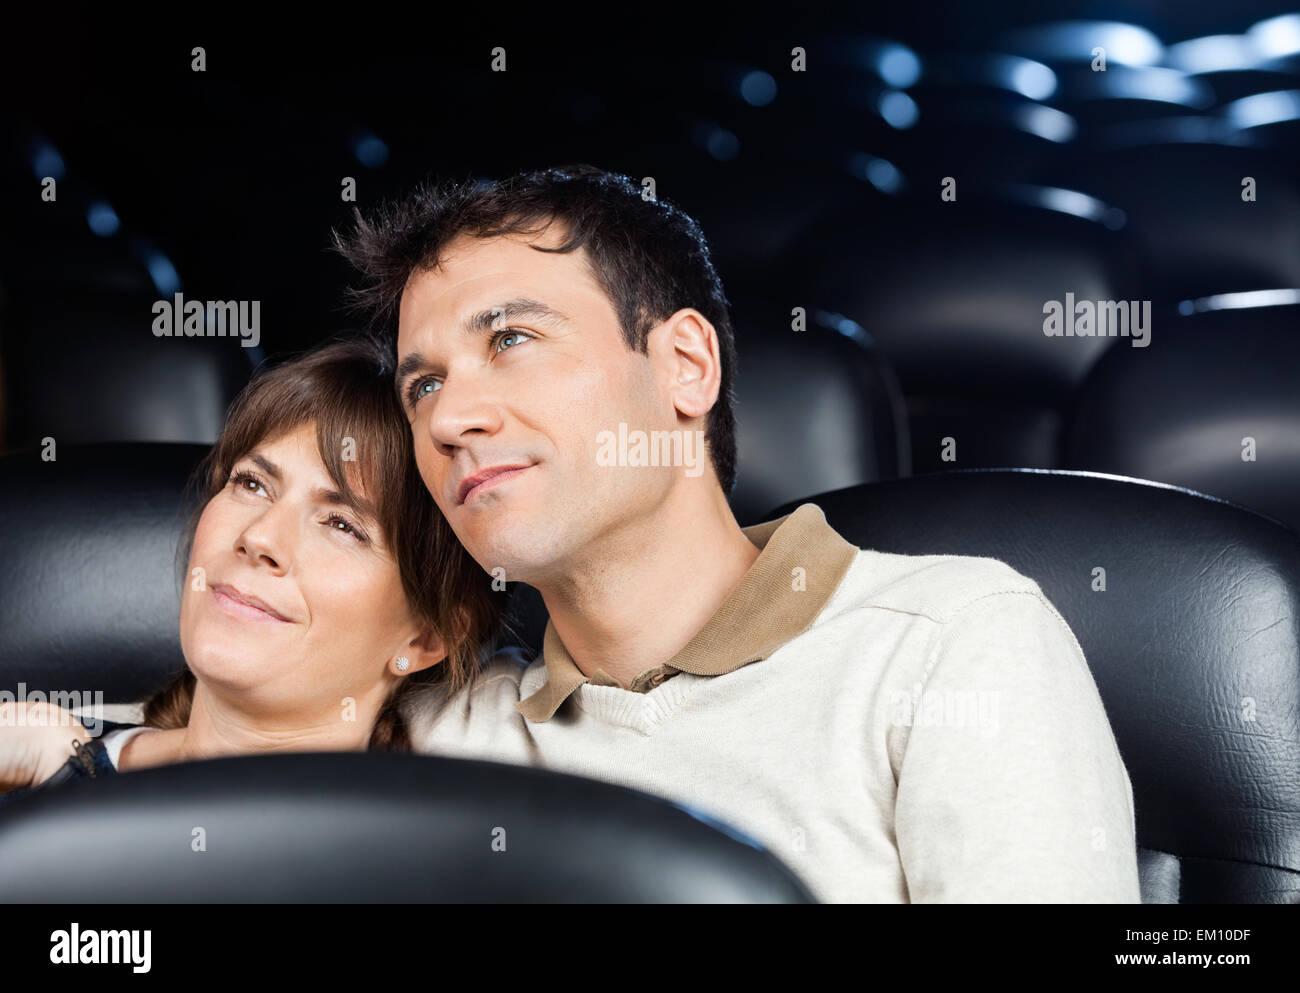 Amare giovane guardando film in teatro Foto Stock